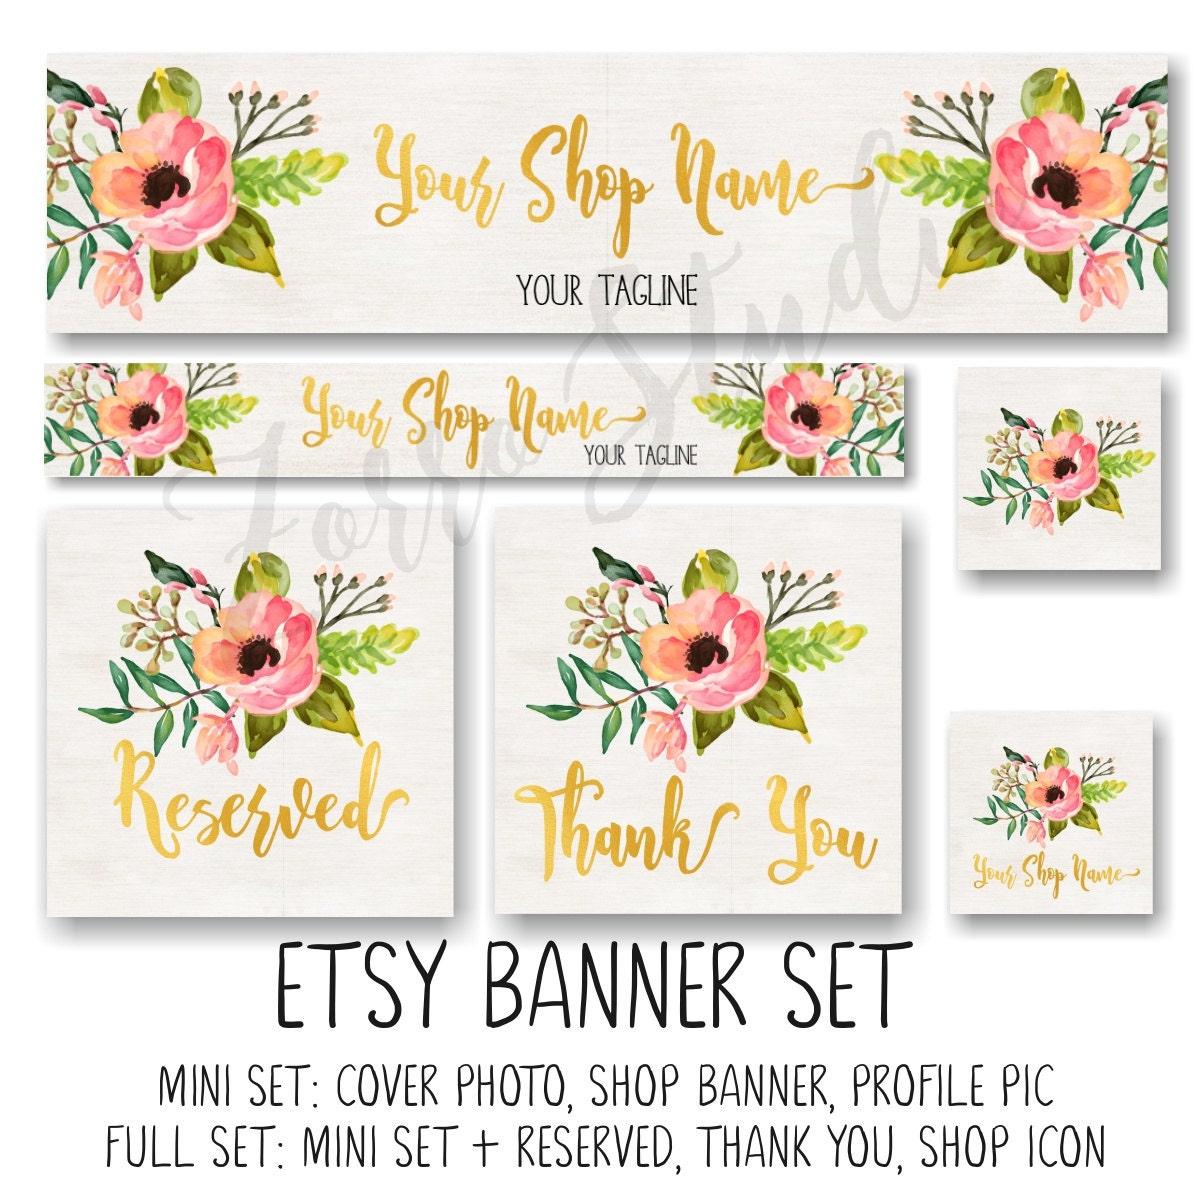 etsy banner set rustic floral peonies boho facebook timeline. Black Bedroom Furniture Sets. Home Design Ideas